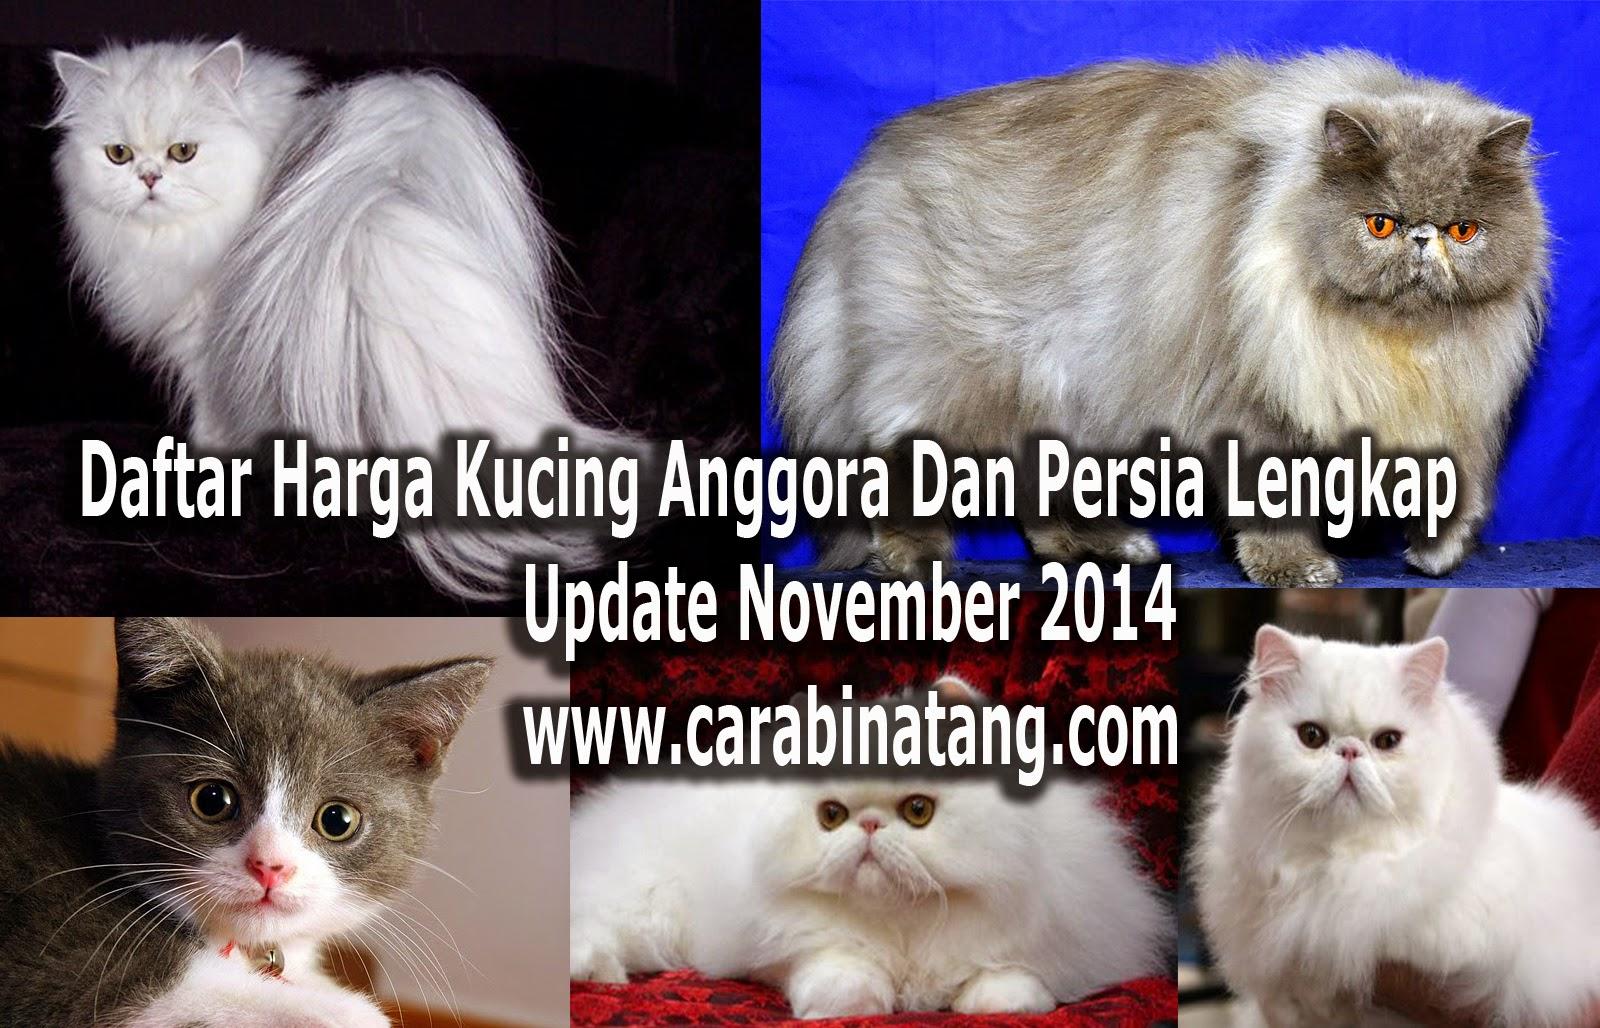 Harga Kucing Anggora dan Persia (Update November 2014)